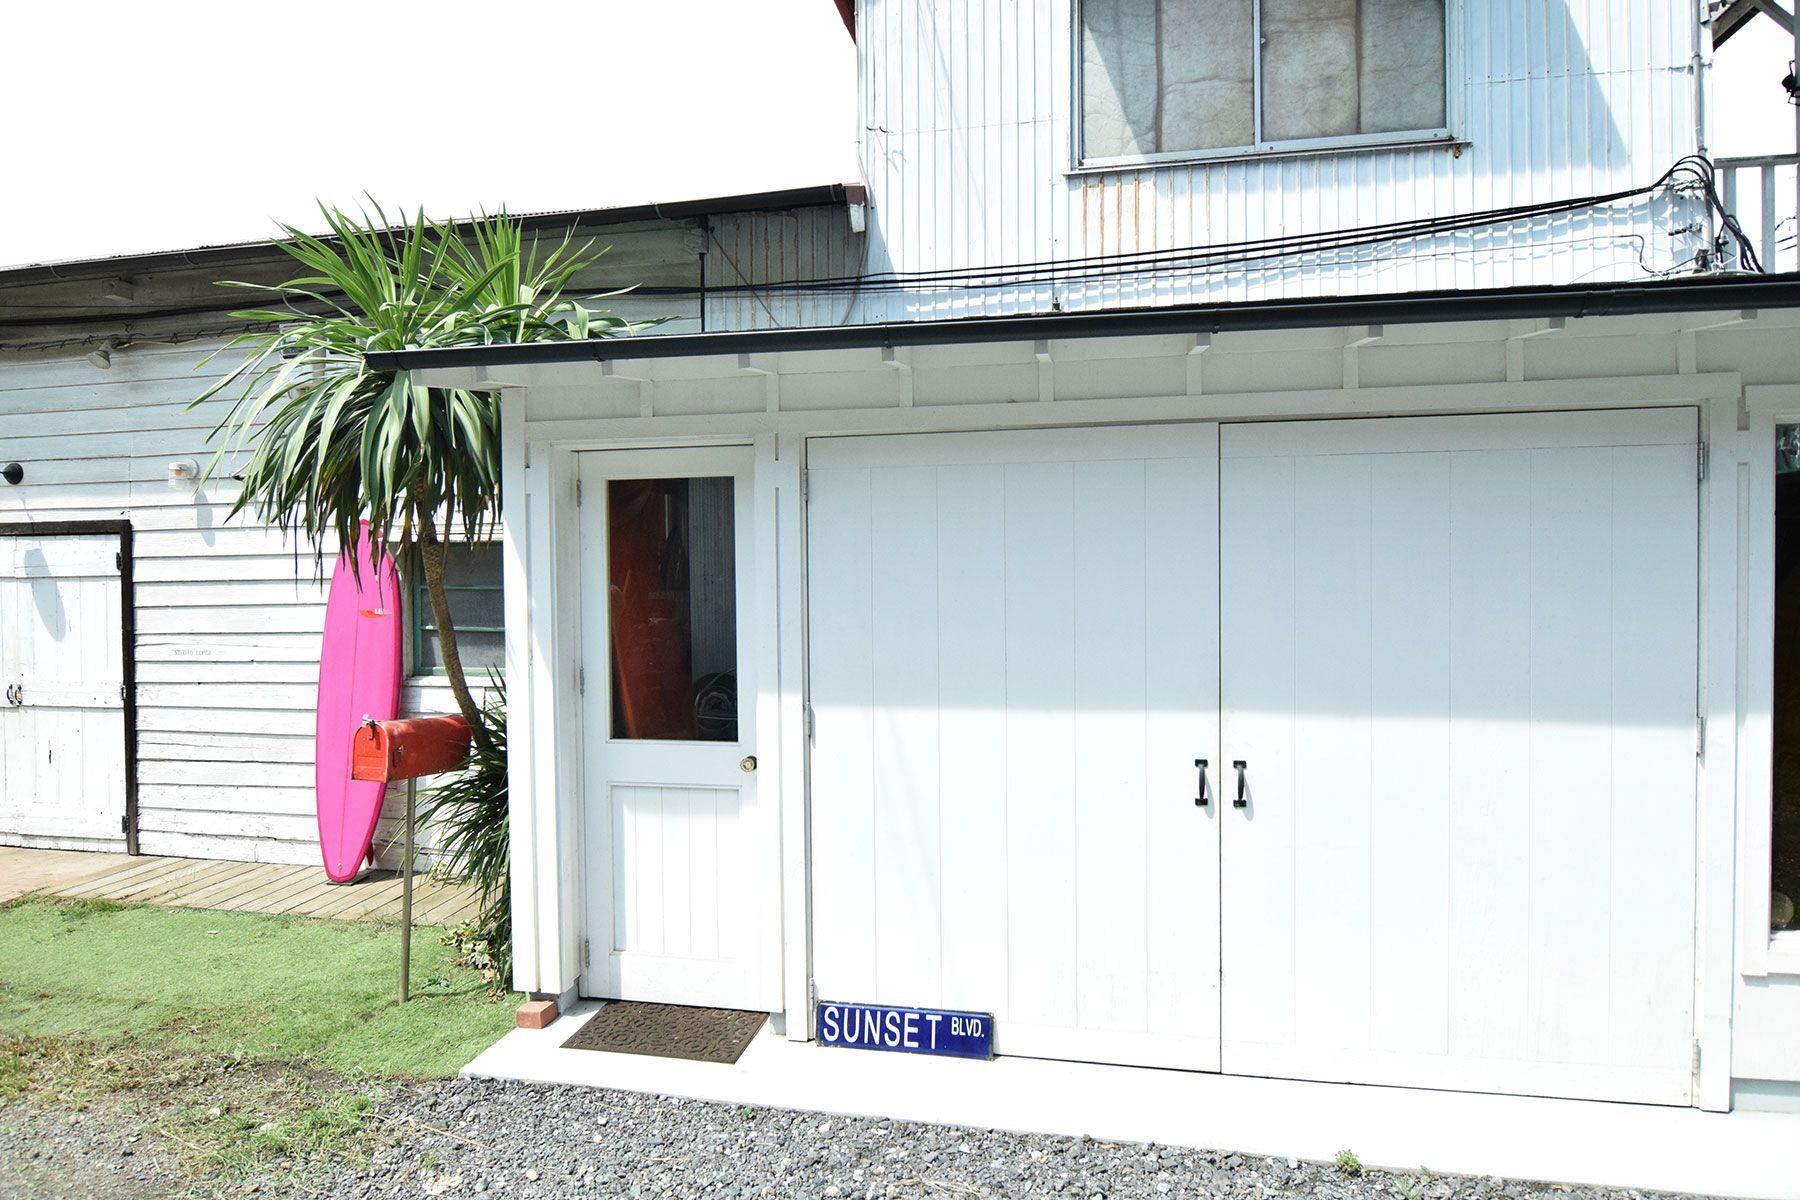 STUDIO LOPEZ 茅ヶ崎スペース (スタジオ ロペス)